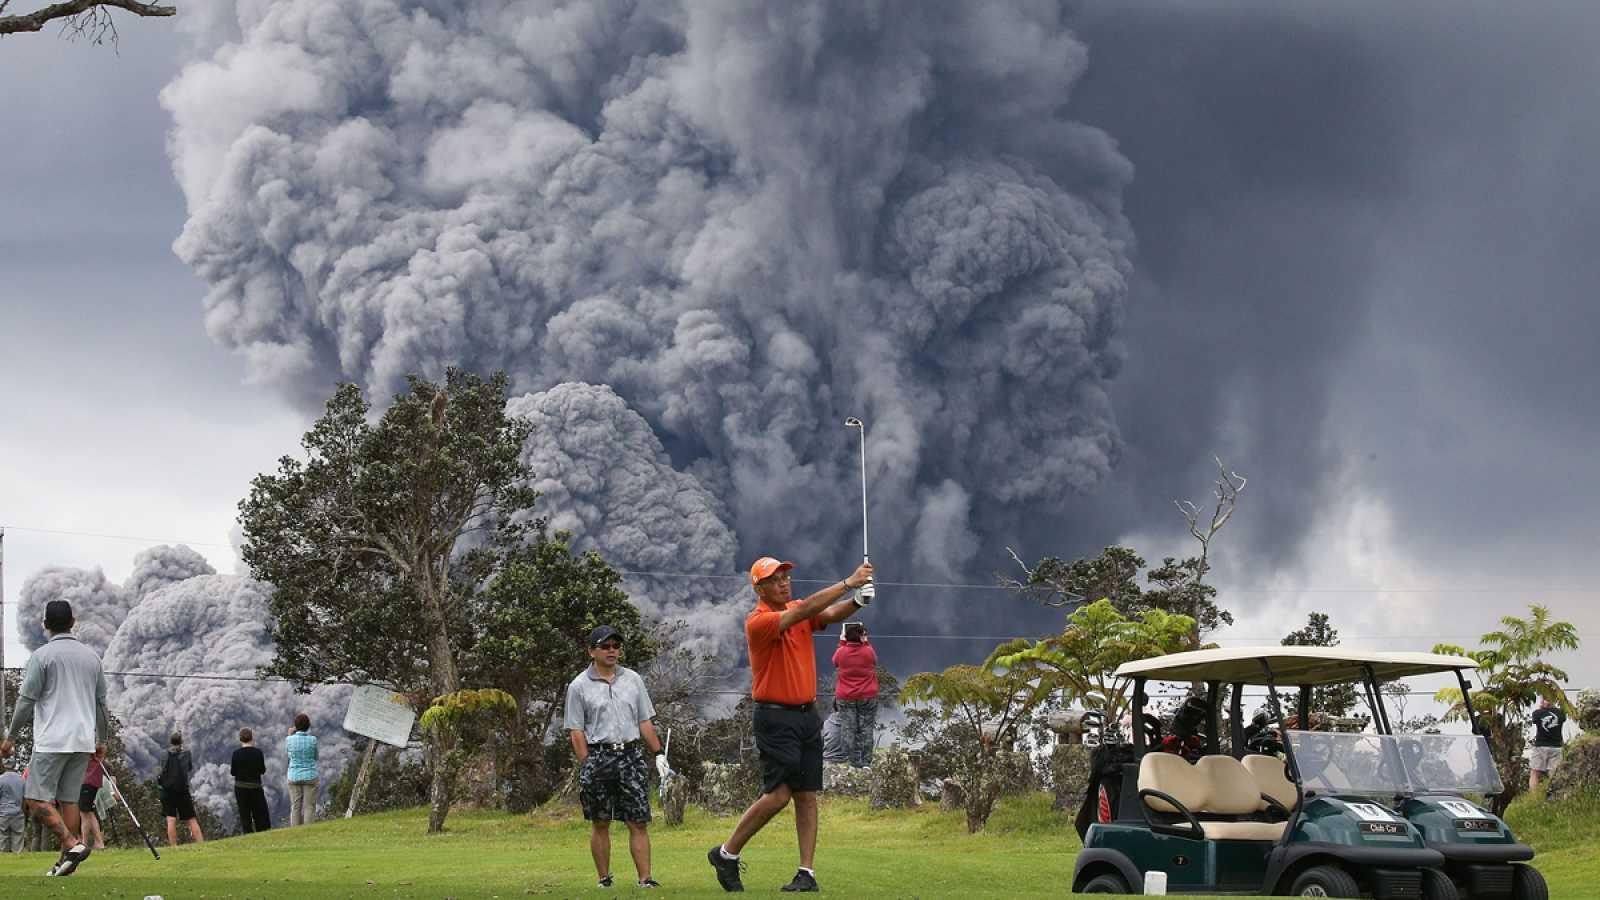 Resultado de imagen para alerta roja volcan kilauea hawai